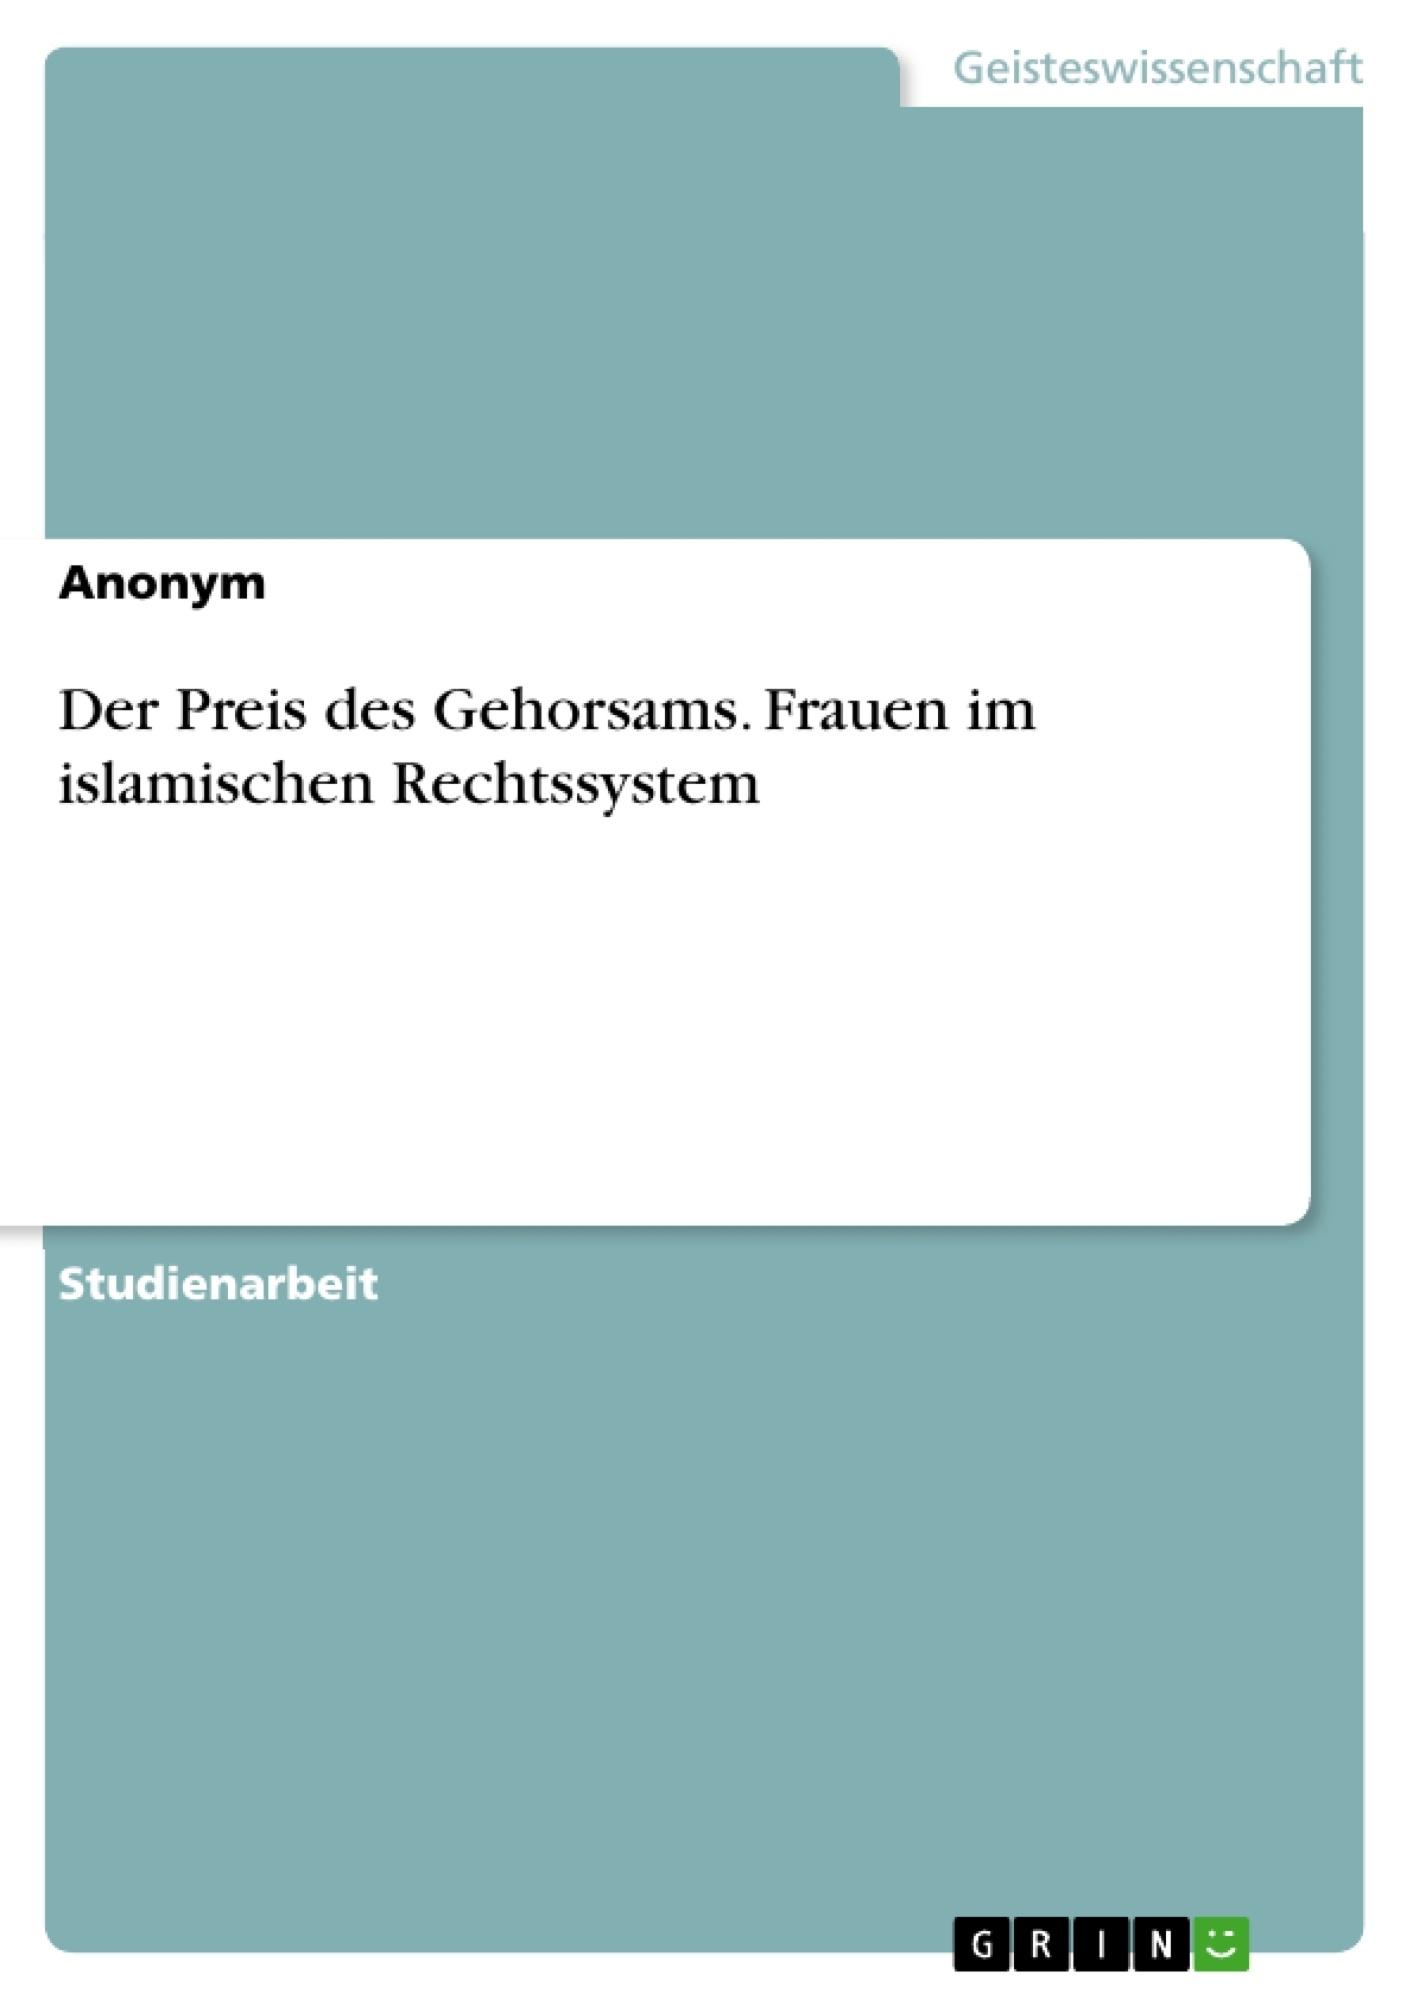 Titel: Der Preis des Gehorsams. Frauen im islamischen Rechtssystem